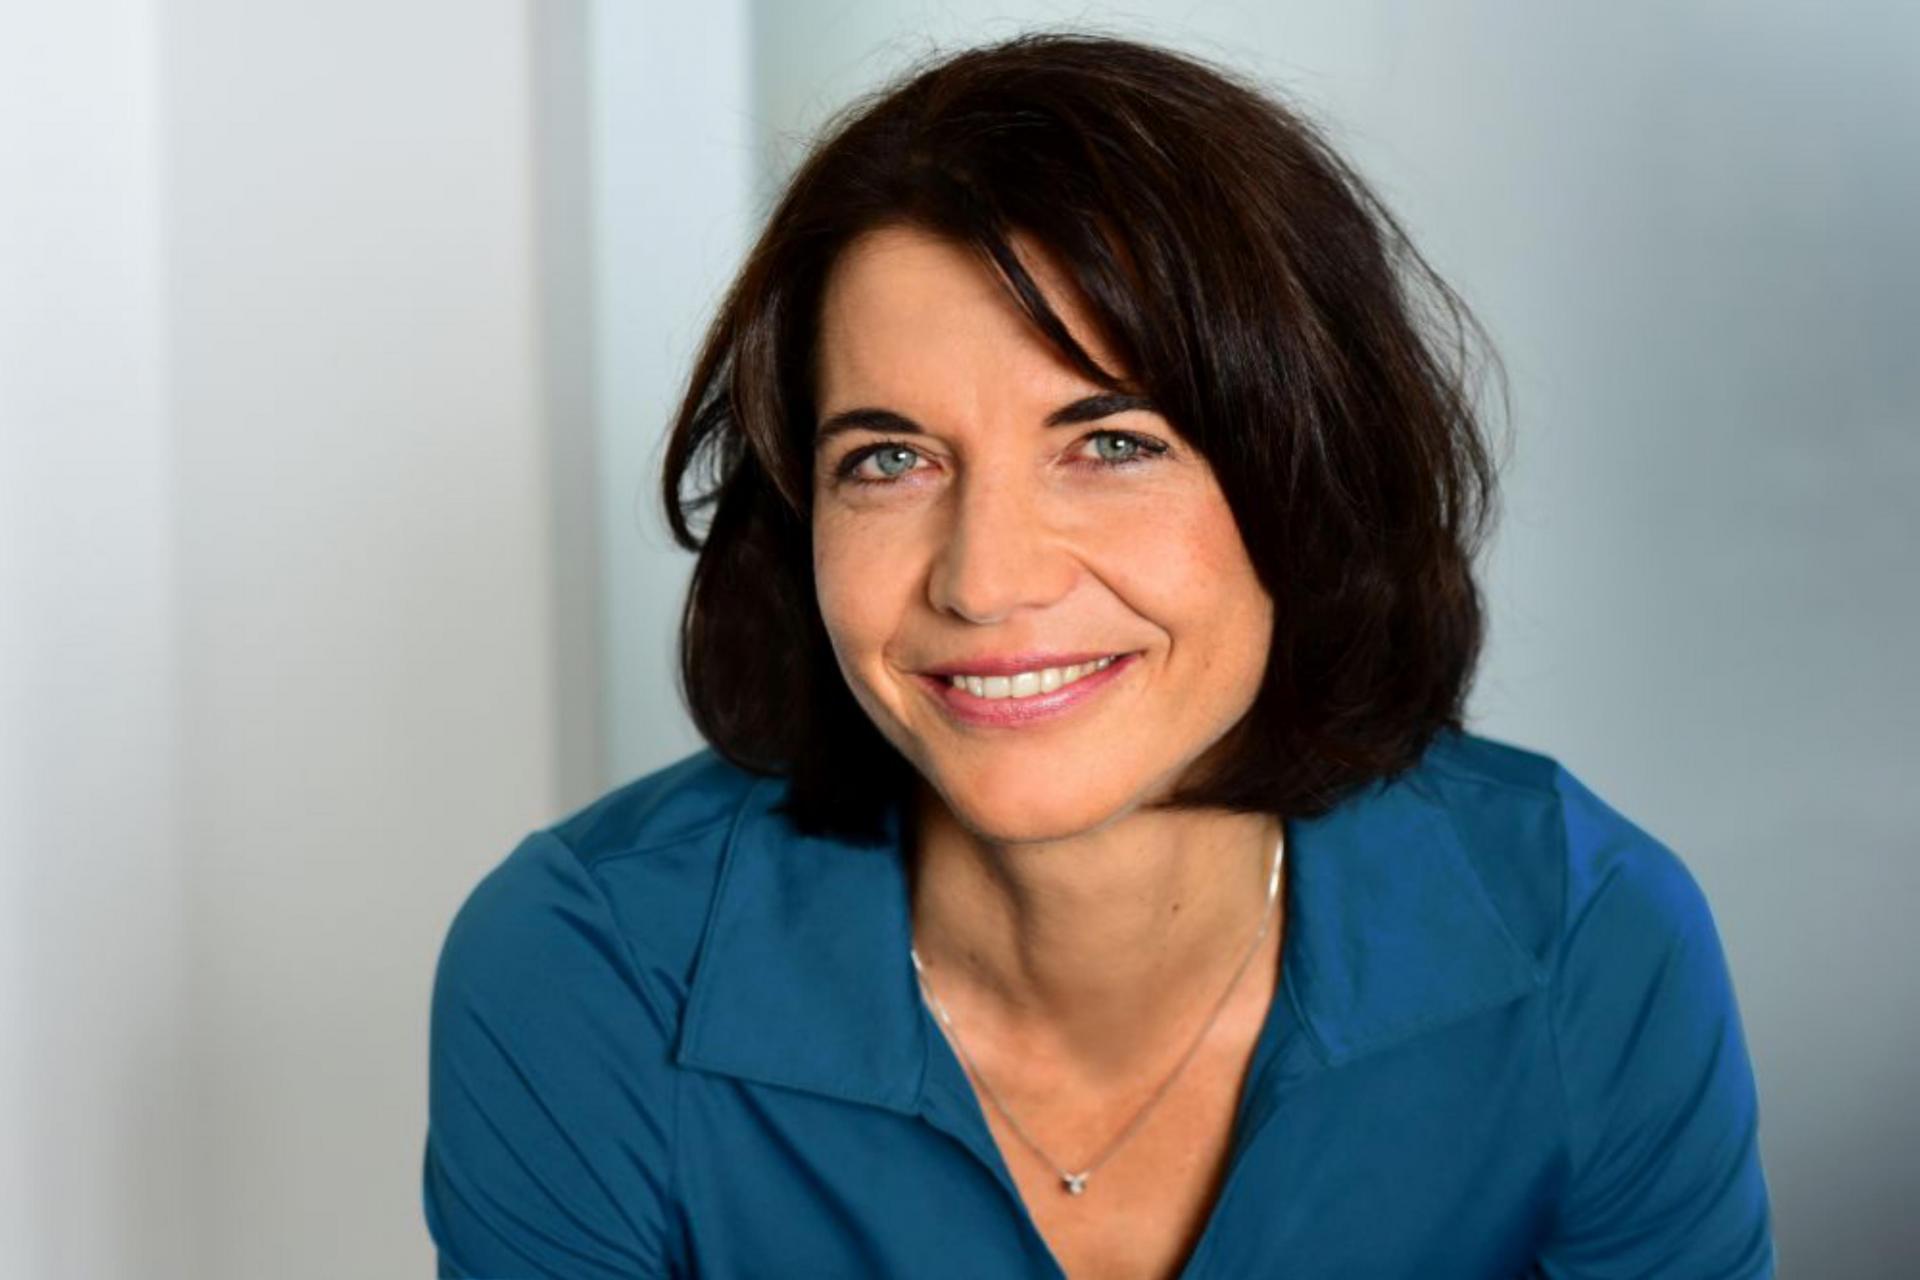 Anja Witschel